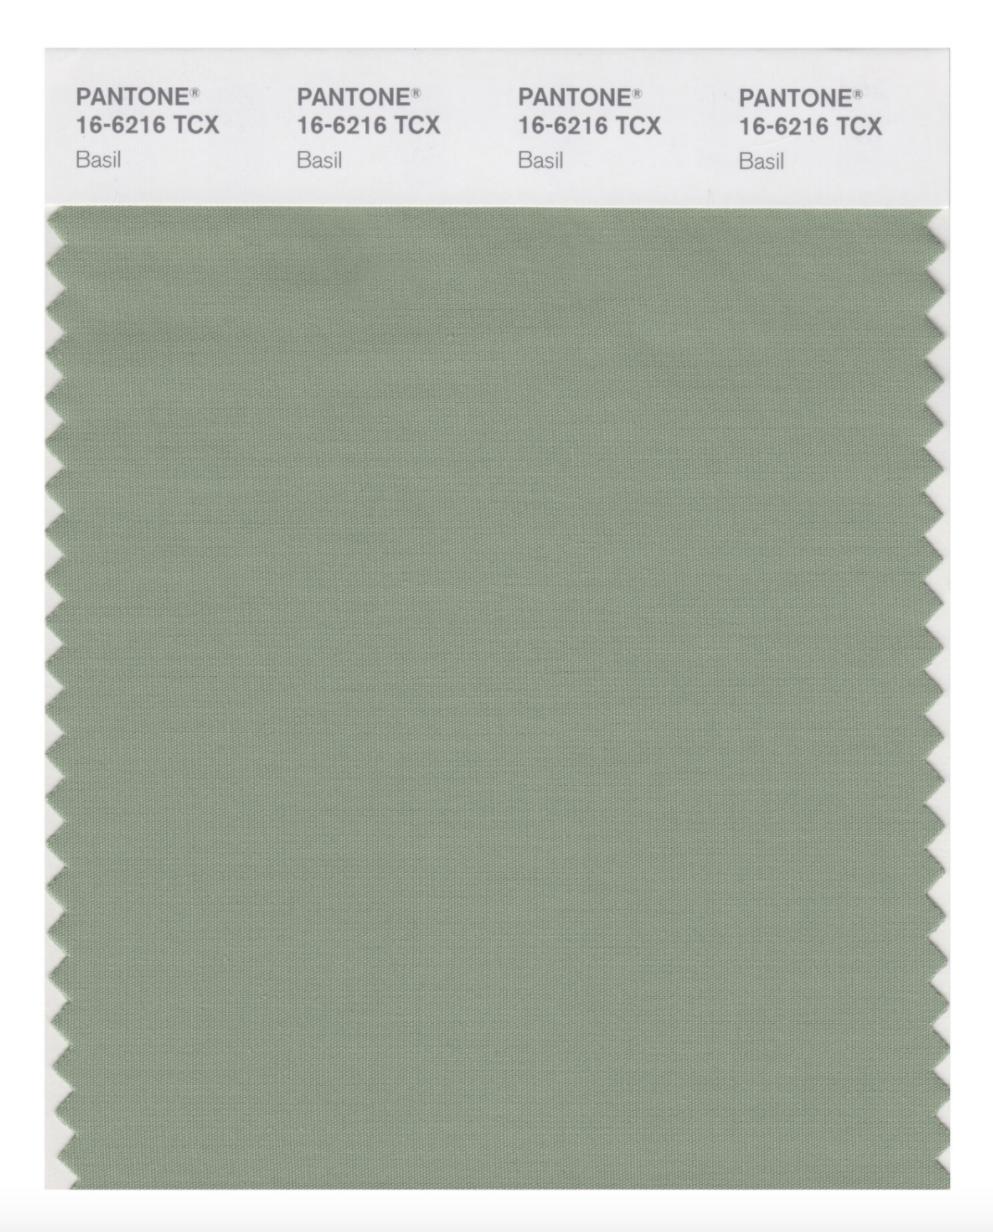 Институт Pantone представил главные цвета весны 2022 года (ФОТО) - фото №13